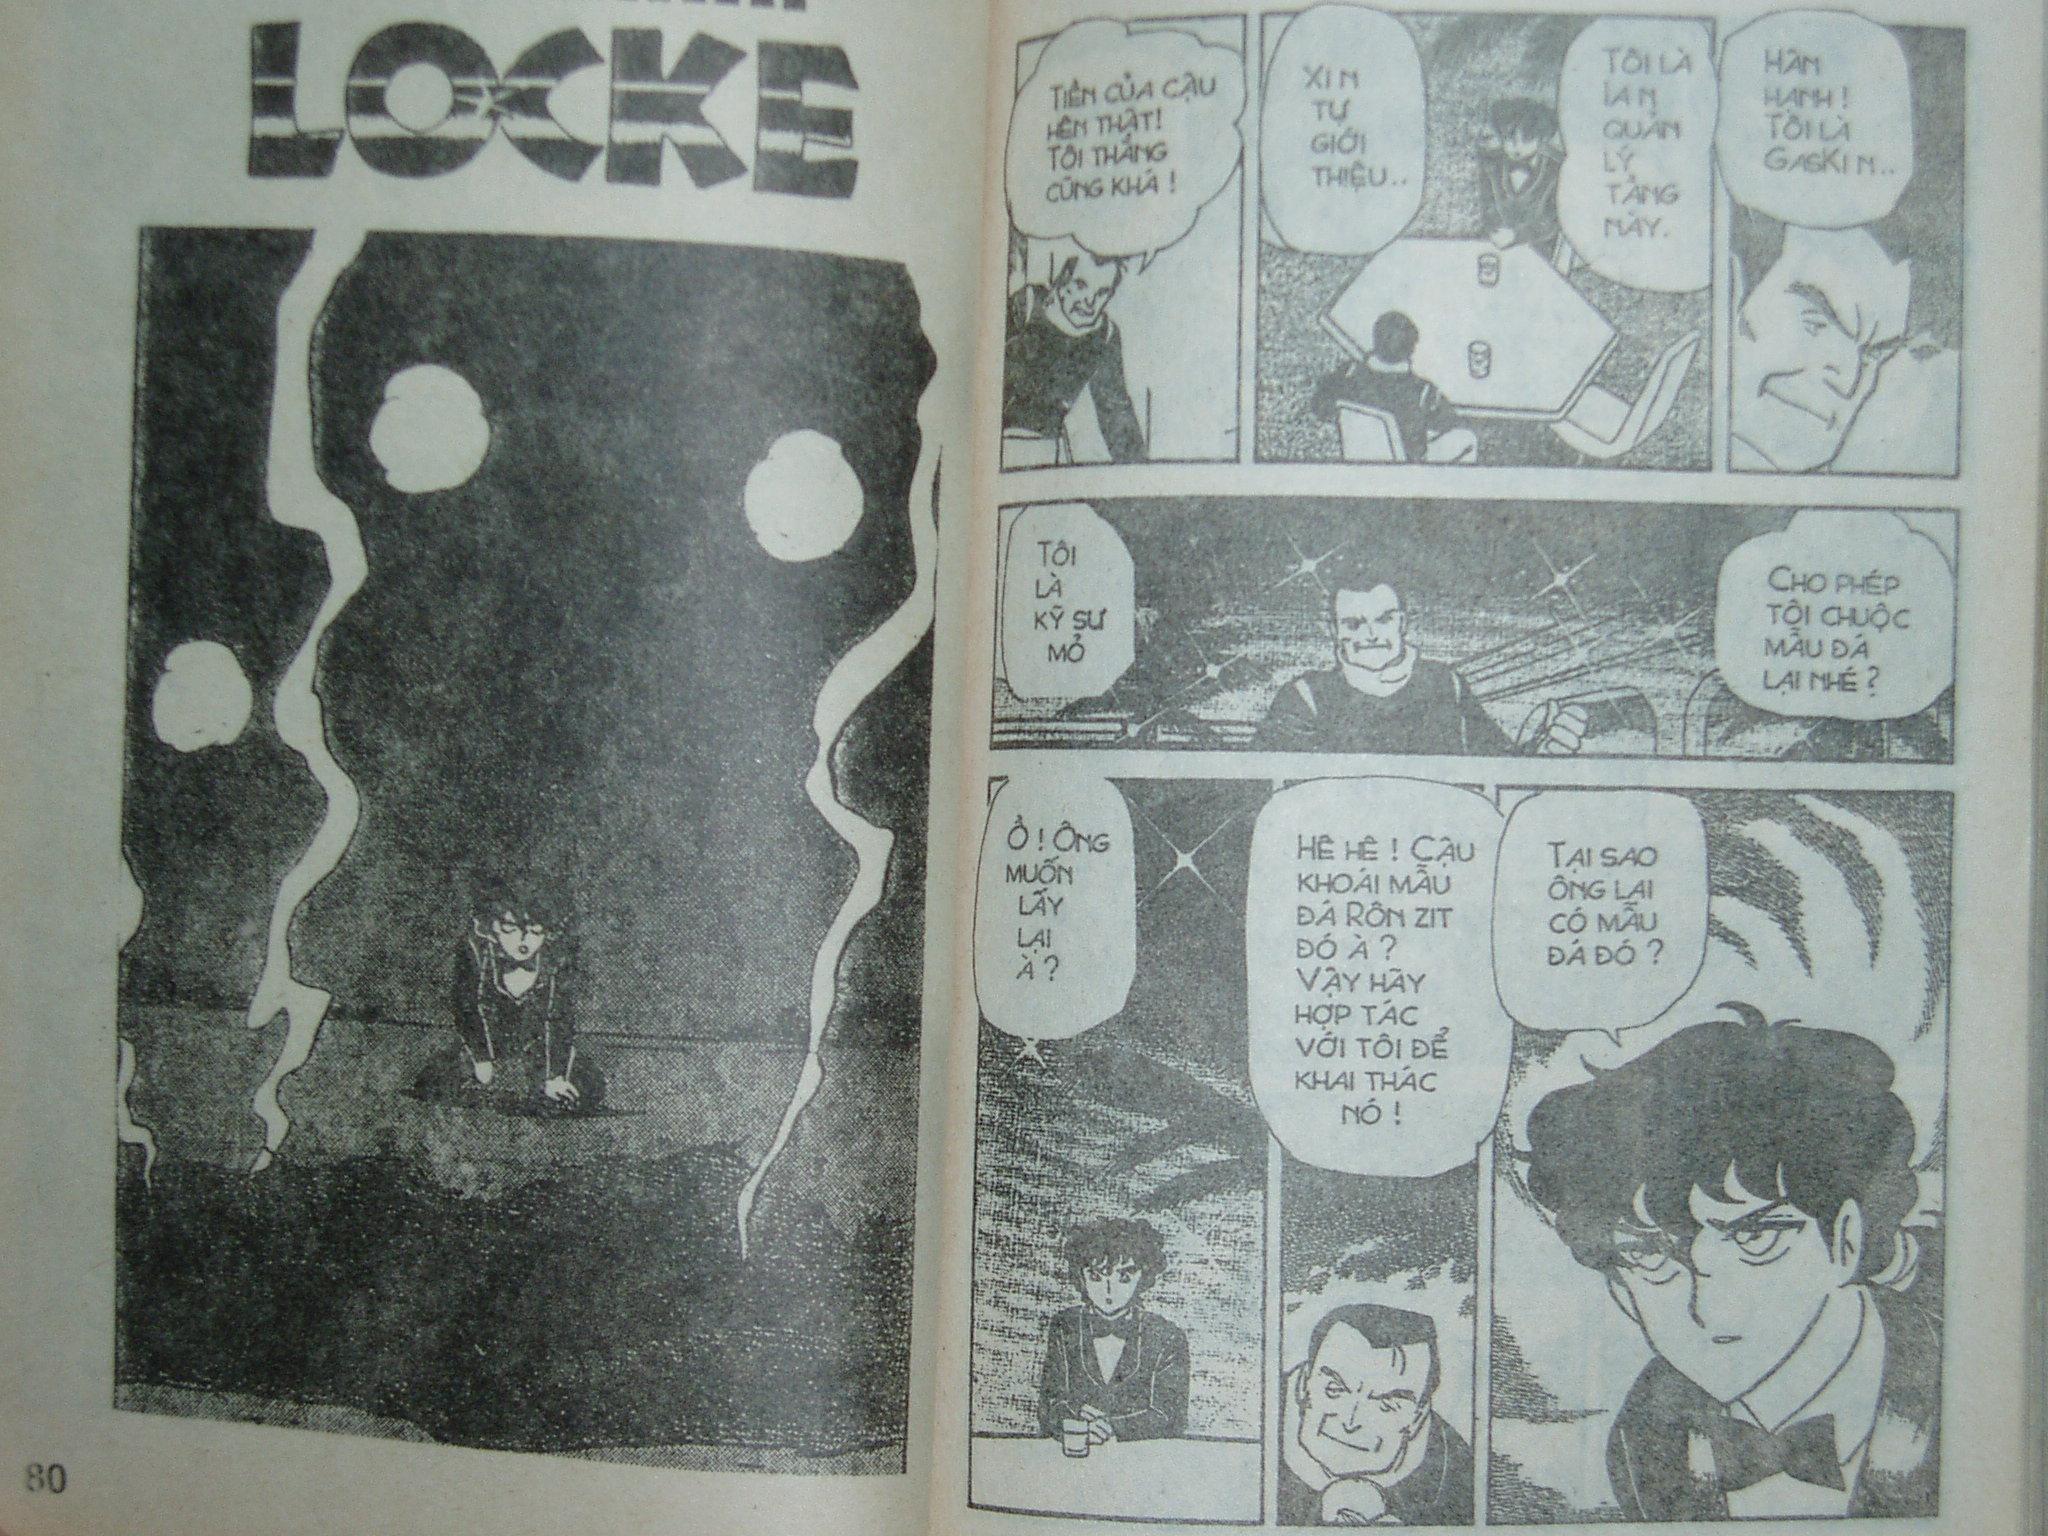 Siêu nhân Locke vol 14 trang 40